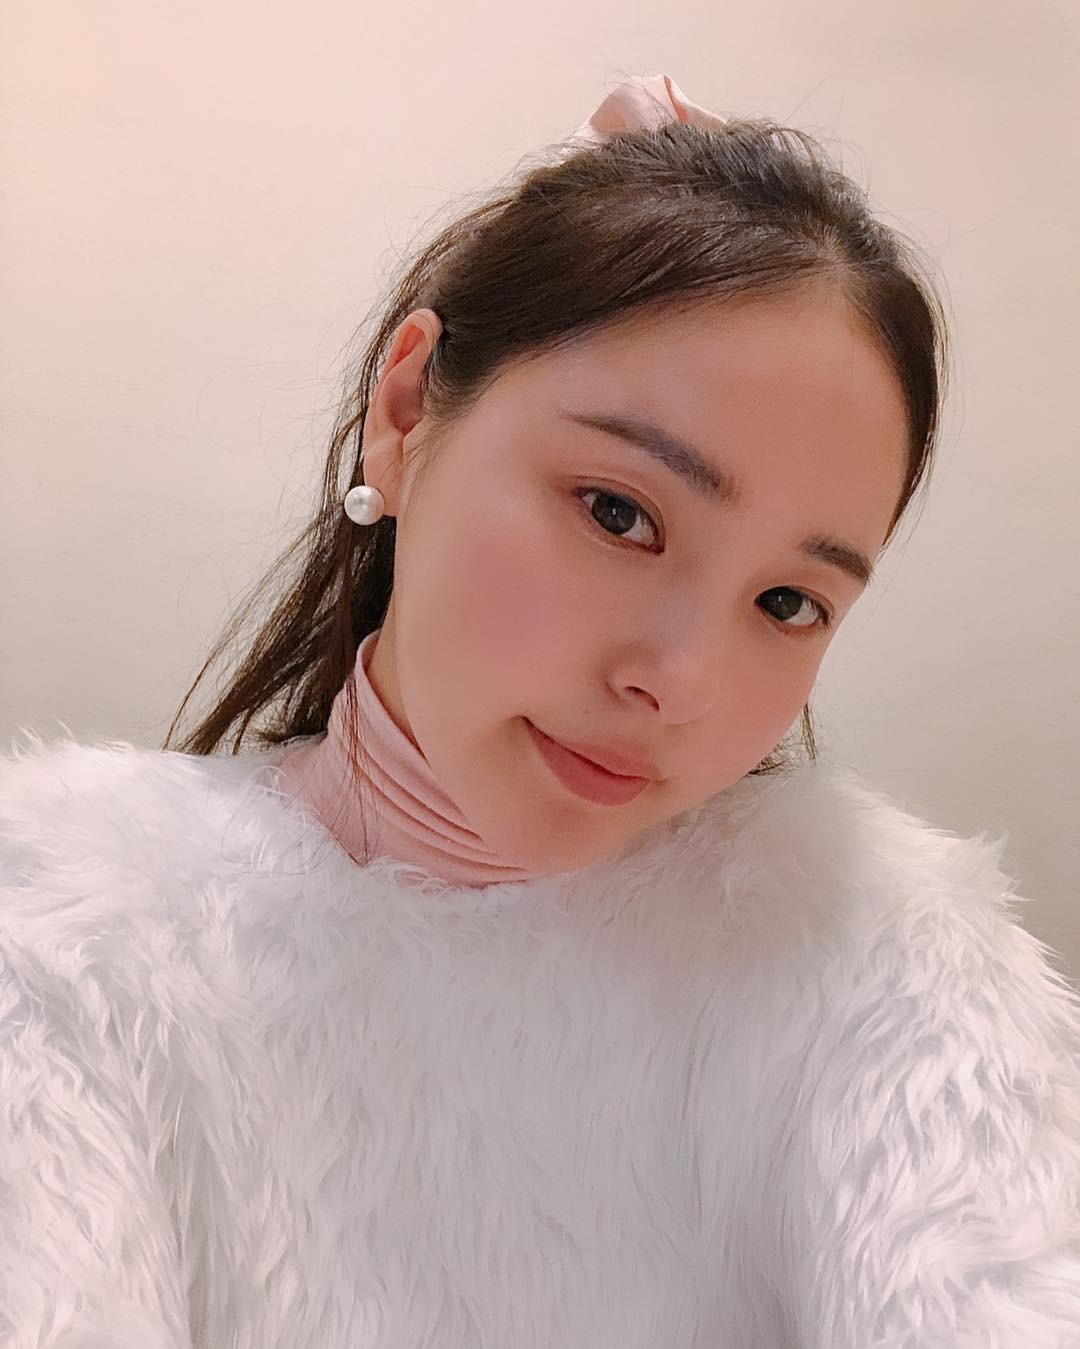 Sao Hàn da đẹp mỹ mãn một phần nhờ rửa mặt đúng cách, trong đó da mụn đặc biệt được khuyên áp dụng cách đầu tiên